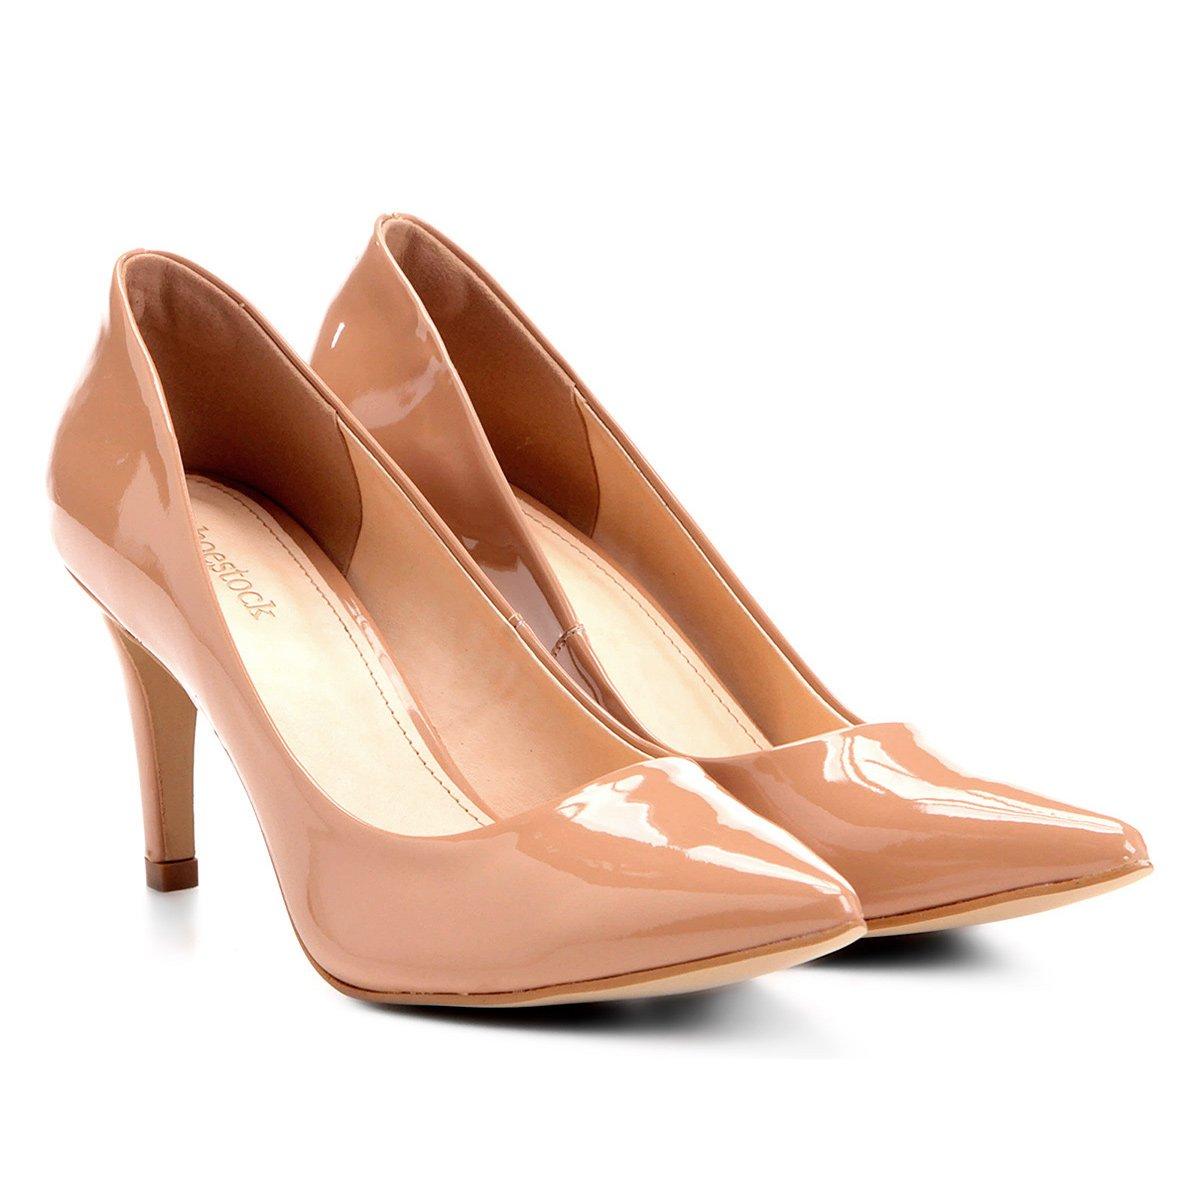 6ae8f0872e Scarpin Shoestock Salto Médio Bico Fino Verniz